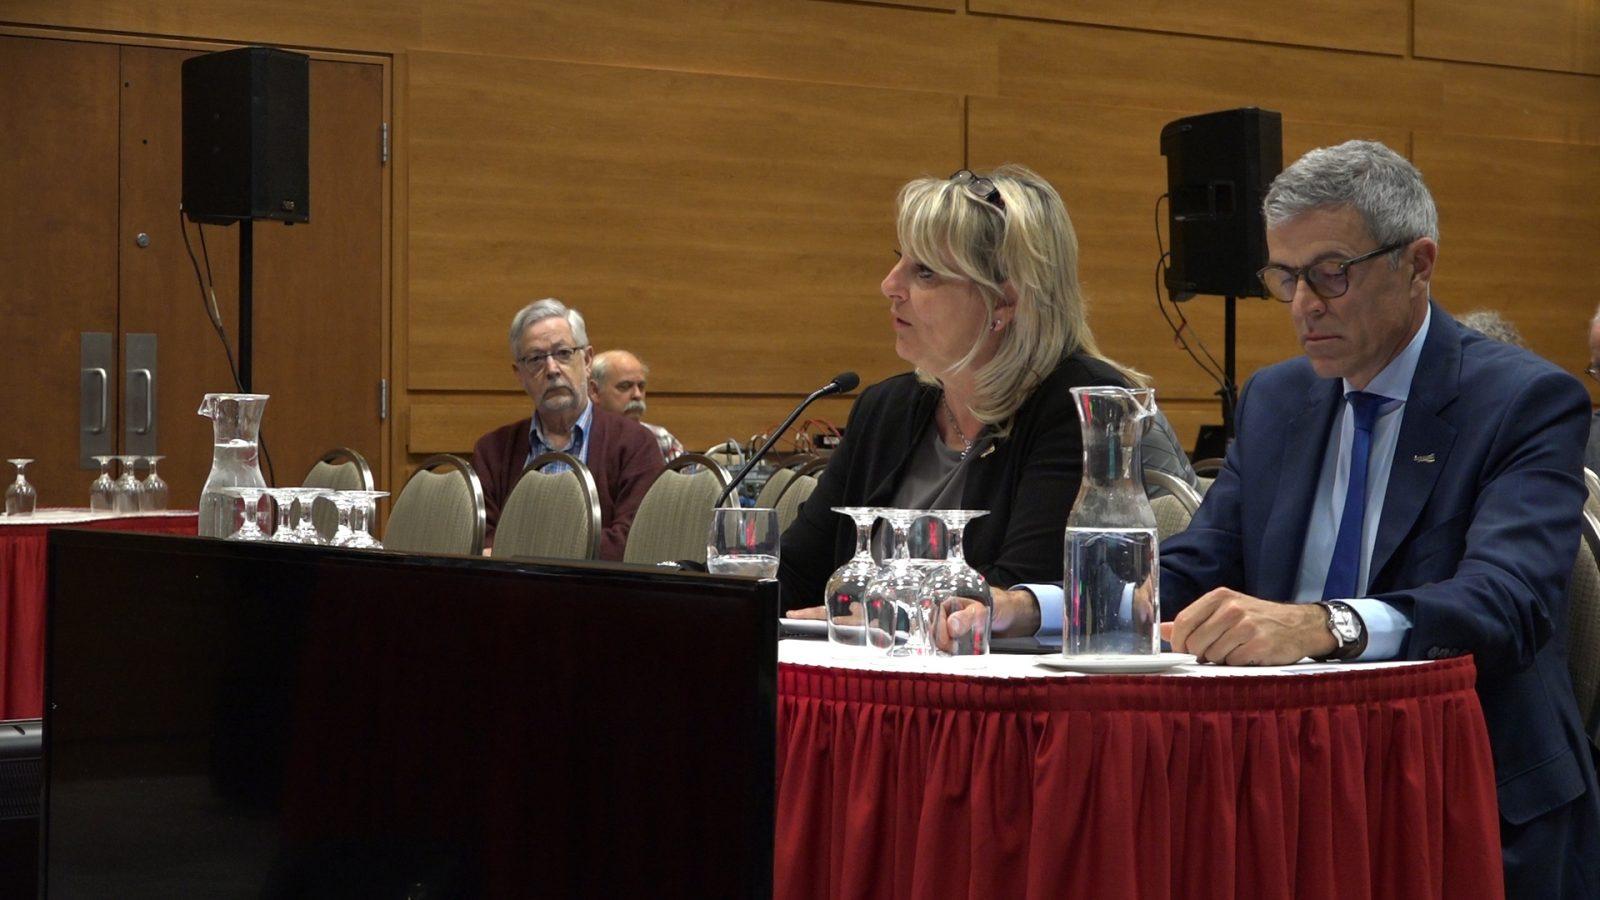 De nombreuses propositions déposées pour améliorer le Plan métropolitain de gestion des matières résiduelles